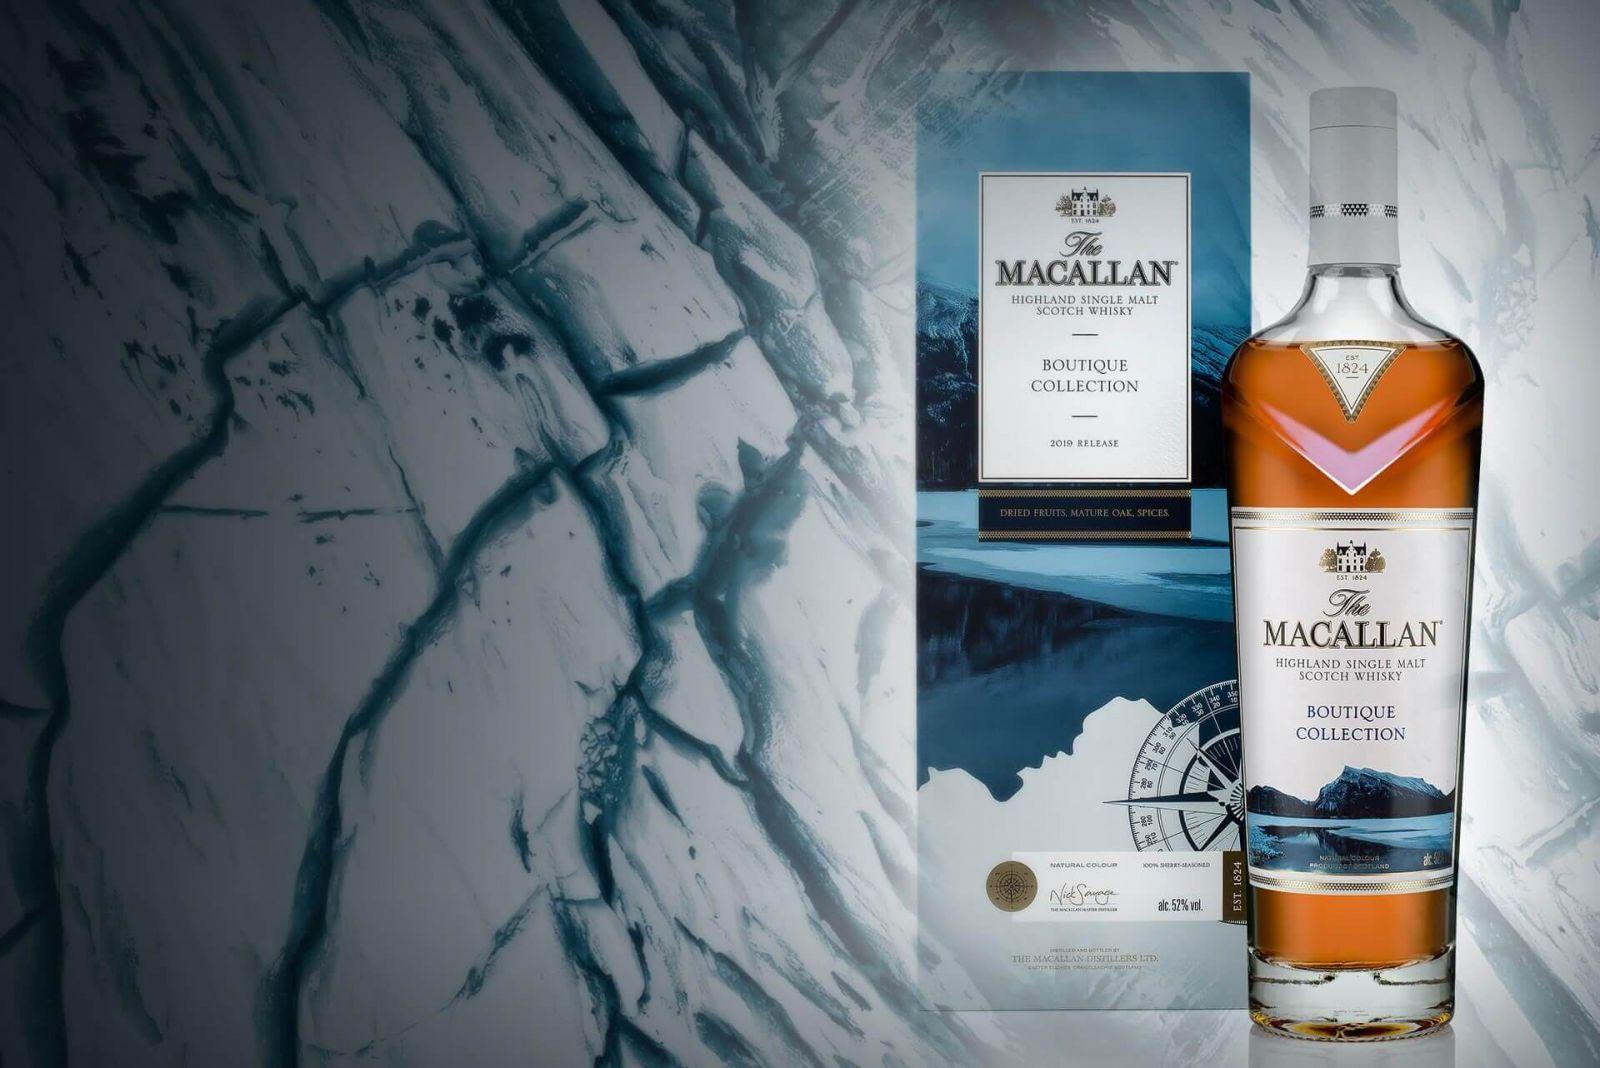 Macallan Boutique Collection là dòng sản phẩm được lấy cảm hứng từ những du khách tham quan